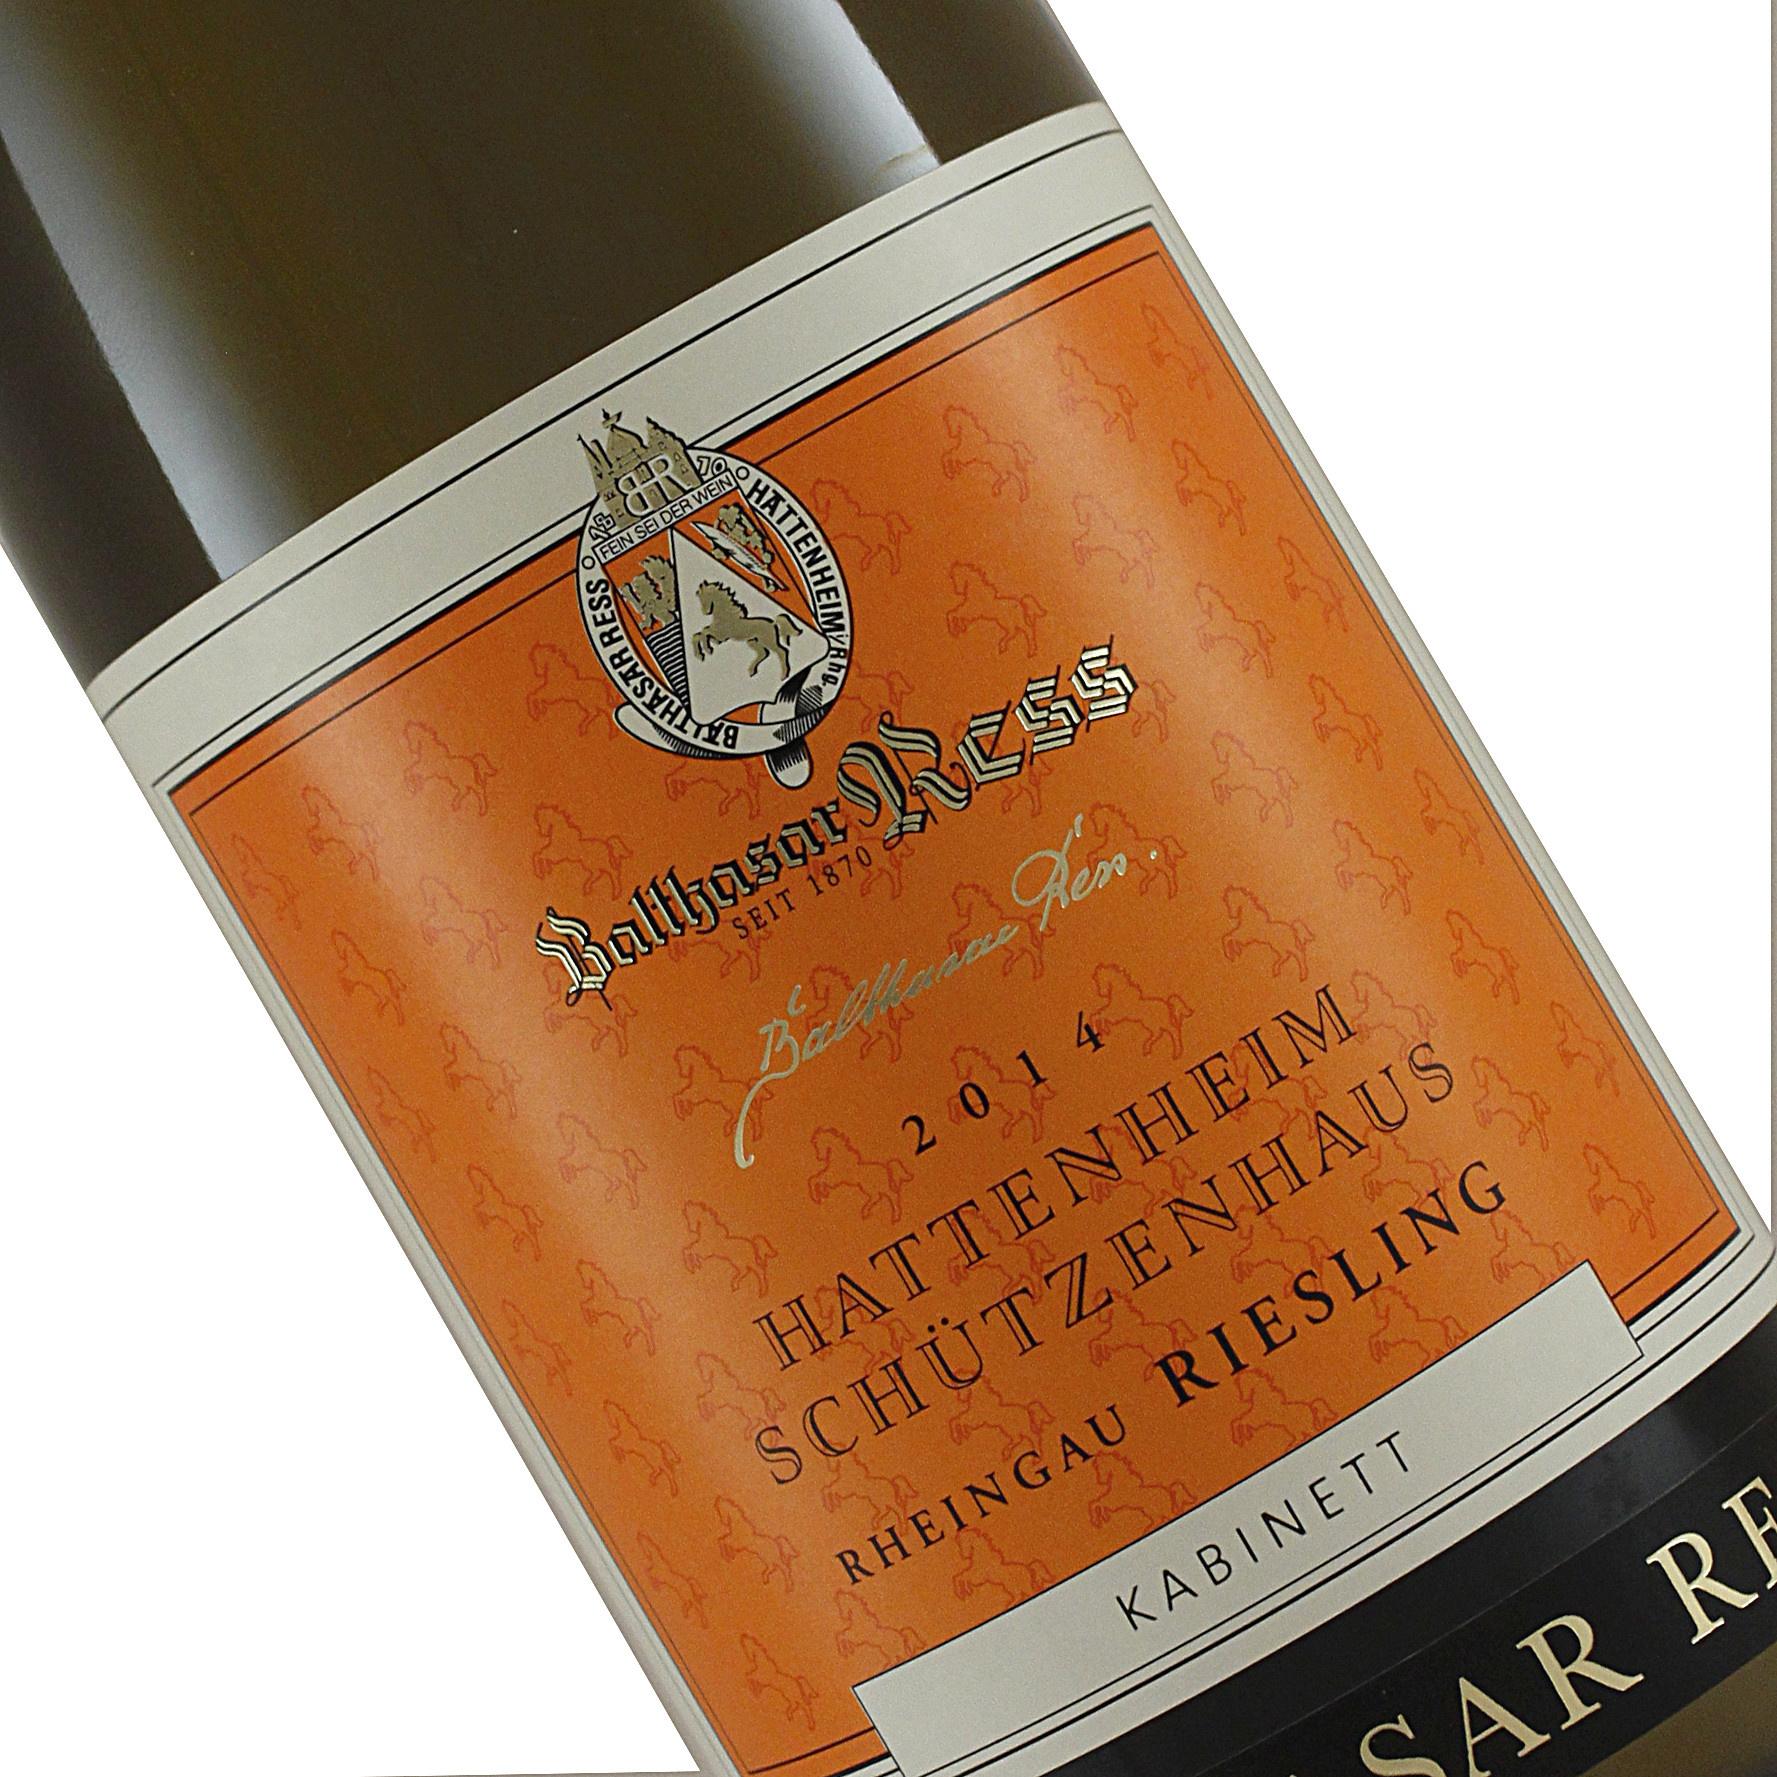 Balthasar Ress 2014 Riesling Kabinett Hattenheim Schutzenhaus, Rheingau, Germany--March Wine of the Month